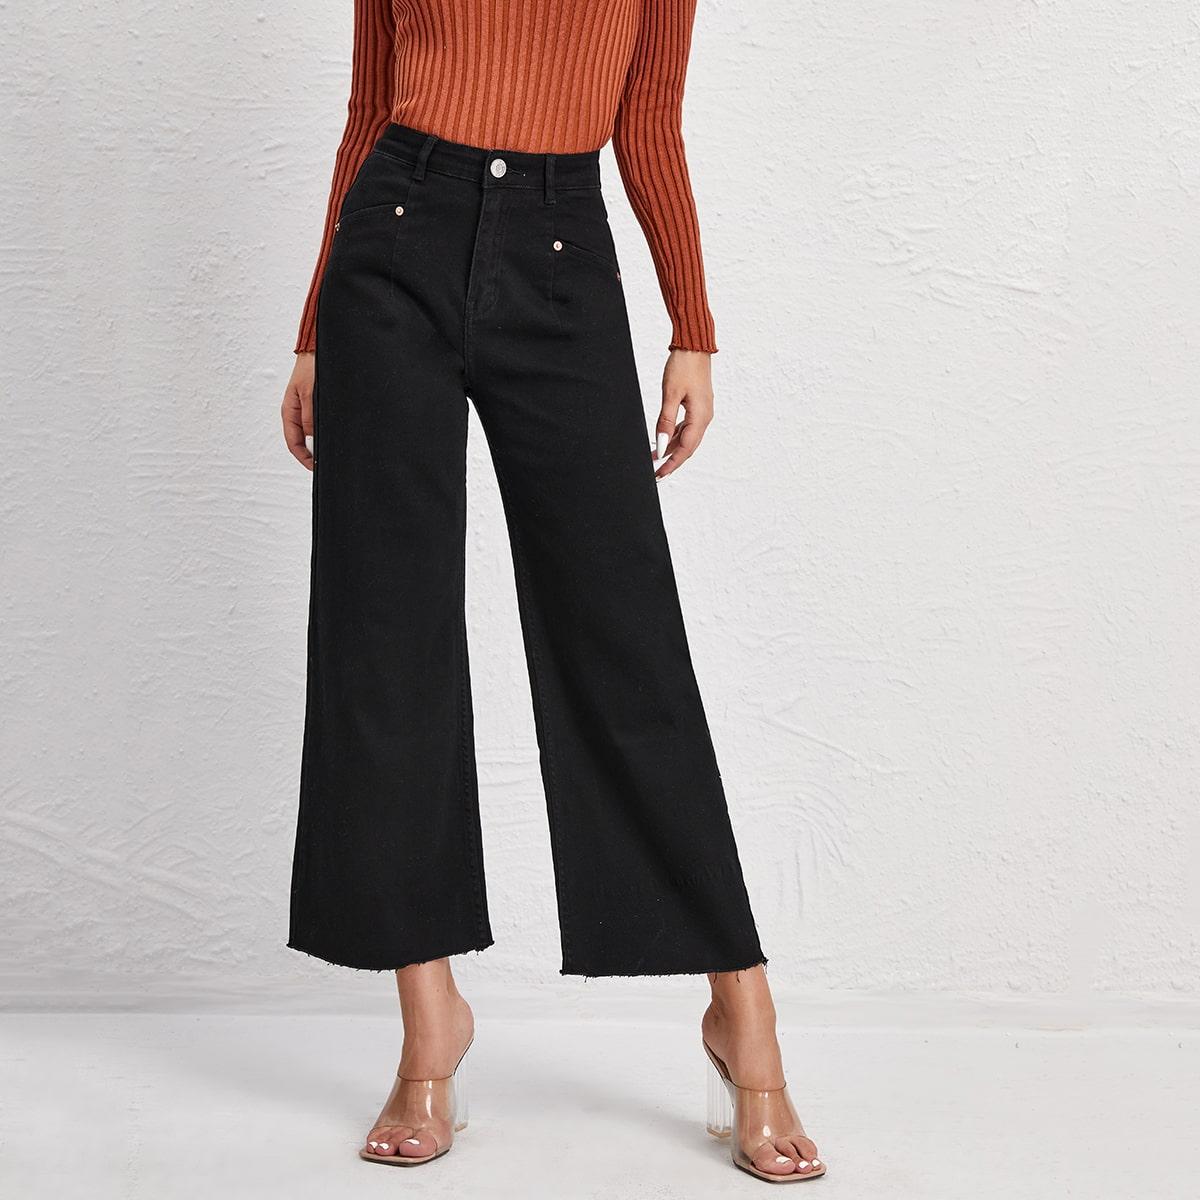 BLUES широкие джинсы с высокой талией